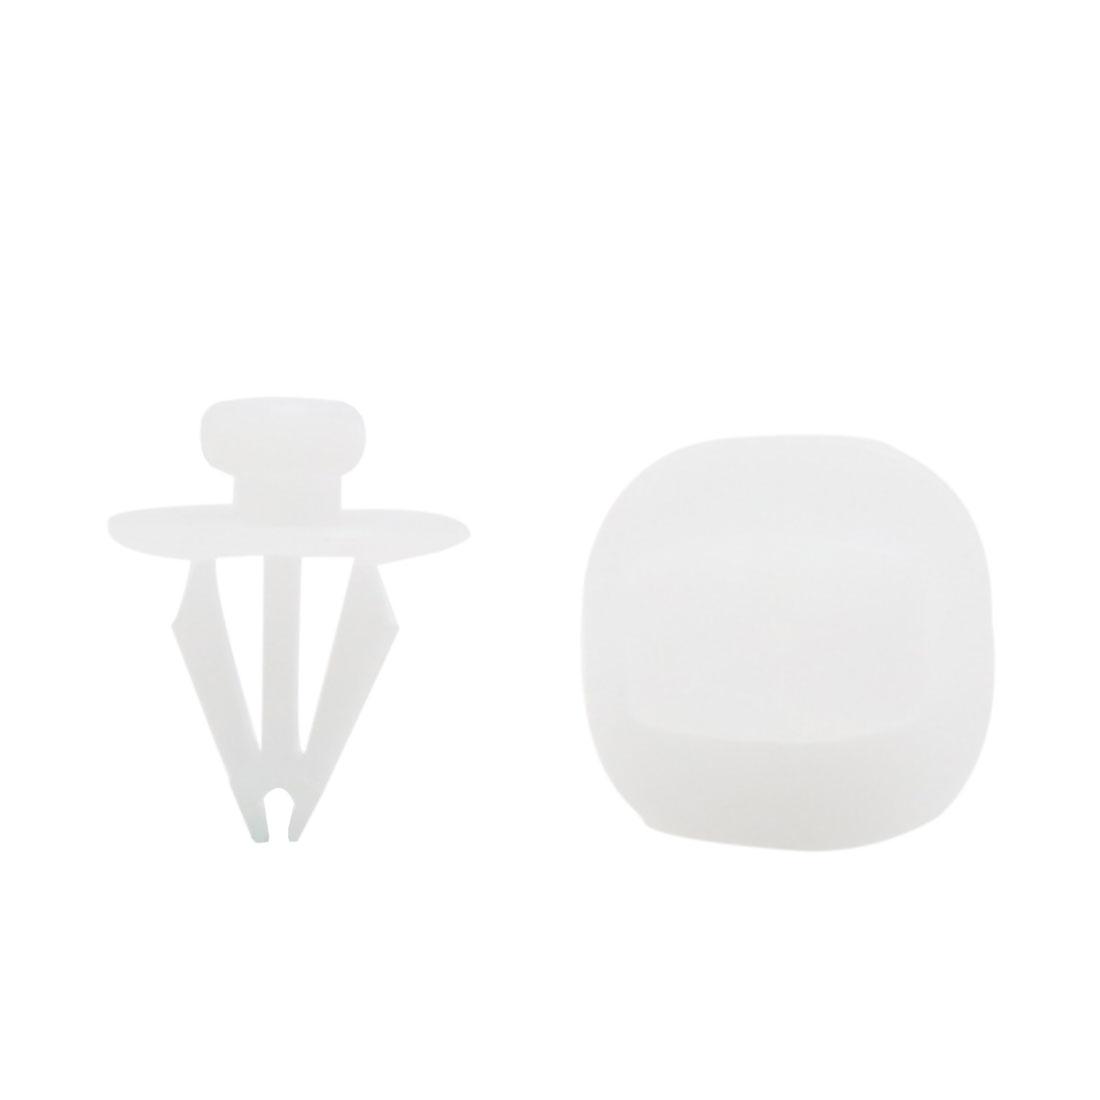 40pcs 9.5mm Hole White Plastic Rivet Fastener Car Door Trim Panel Retainer Clip